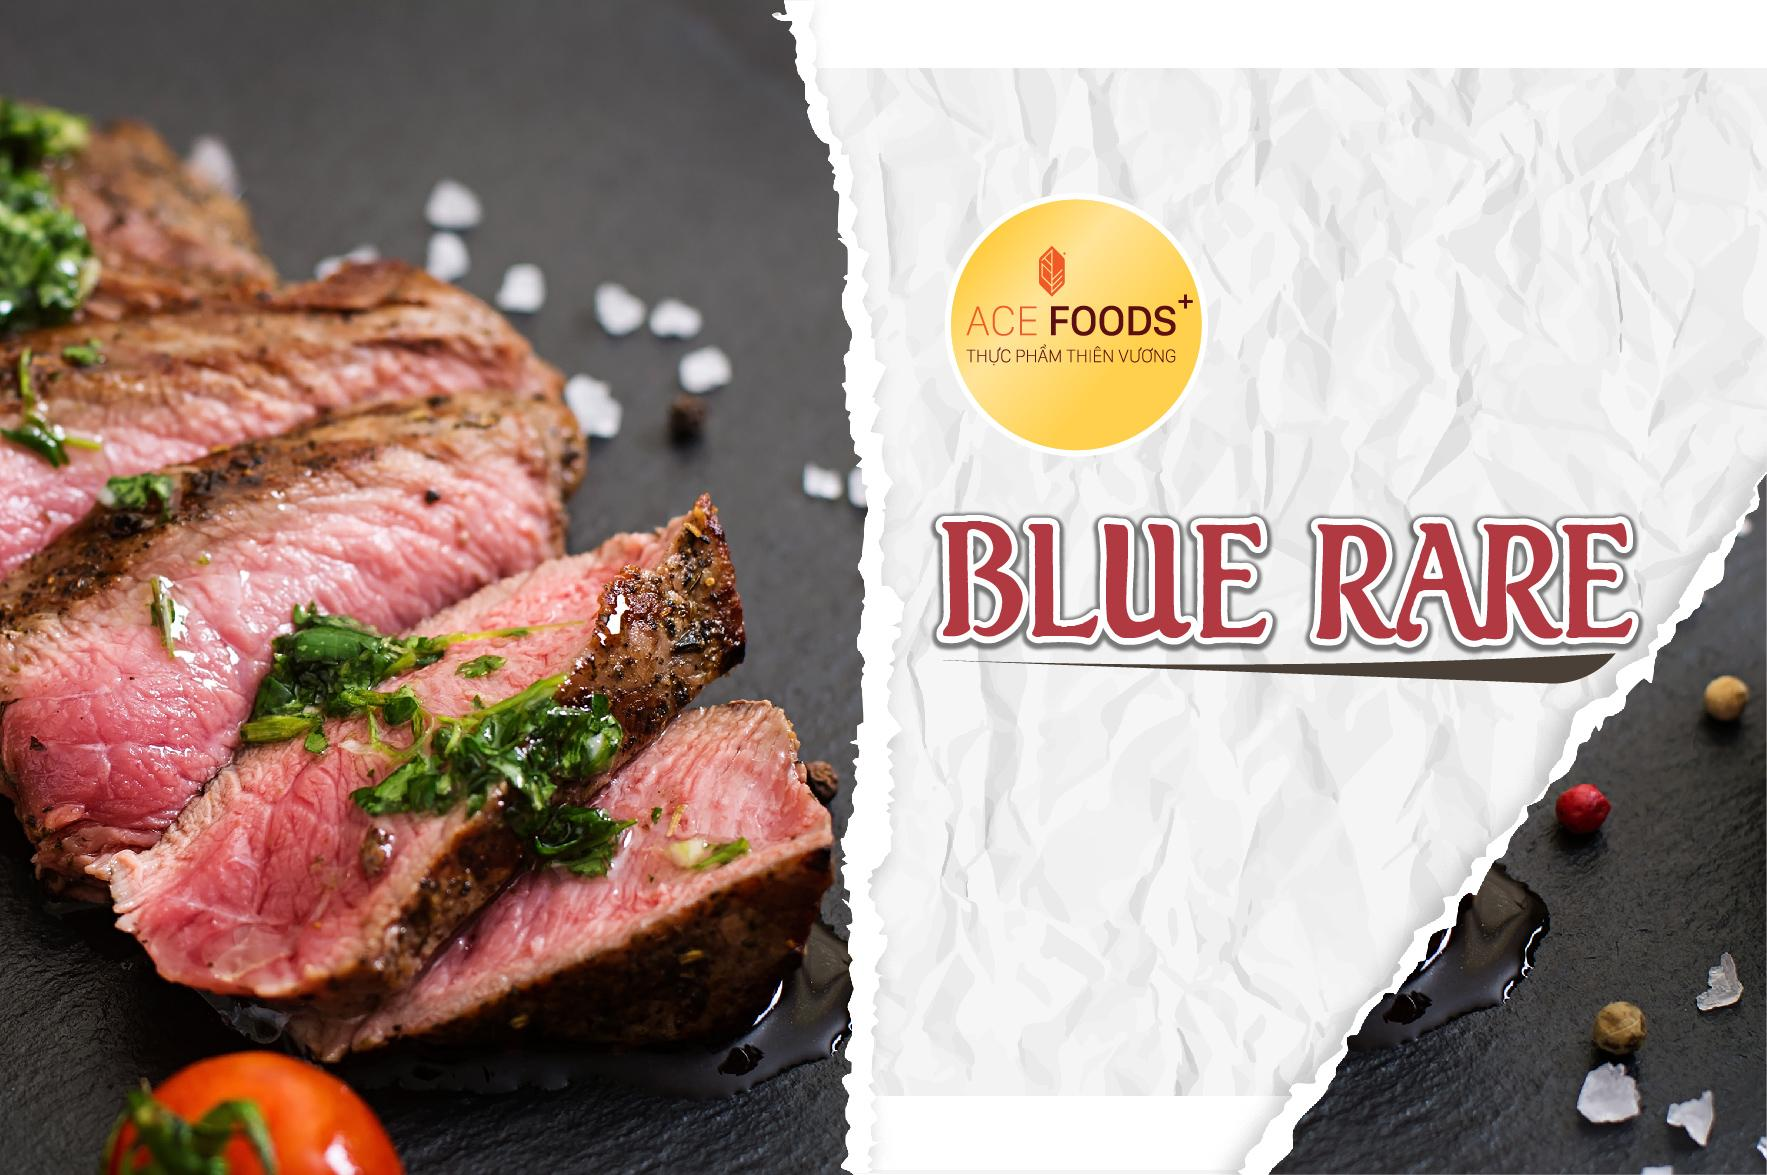 Thịt chín ở mức độ Blue rare chỉ cháy xém mặt ngoài, bên trong chưa chín